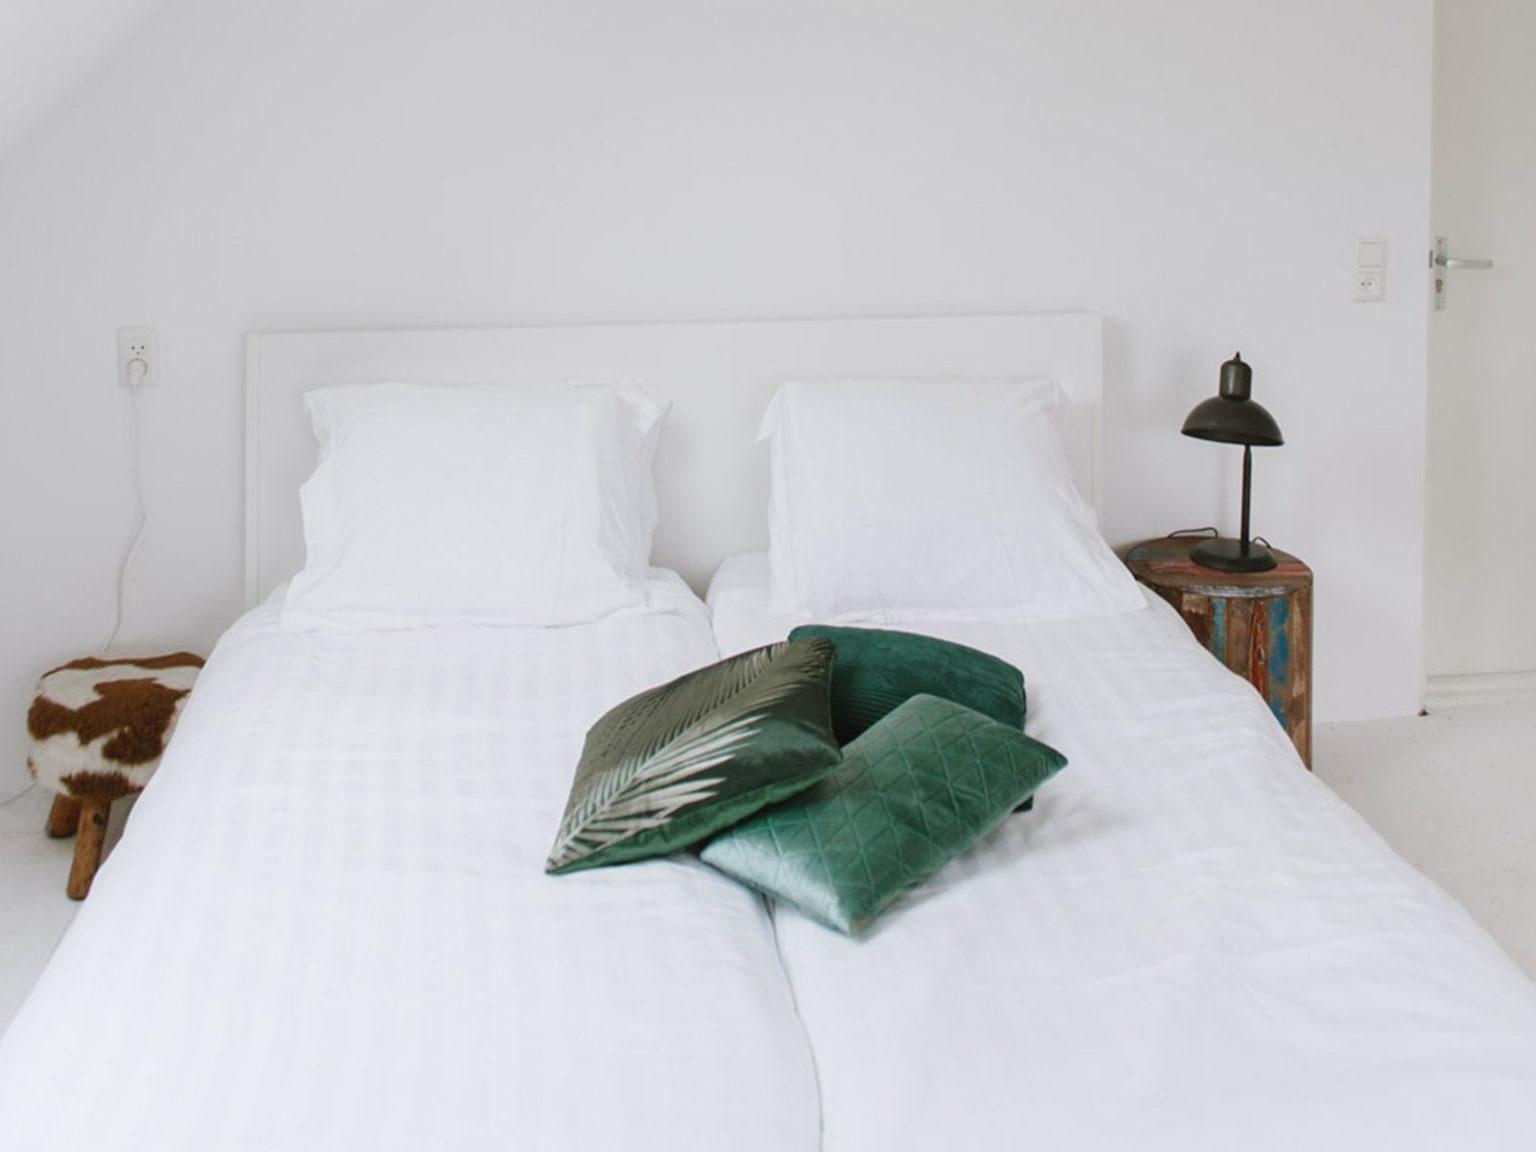 bijgroengeluk-beelden-accommodatie-accommodation-kaasstudio-studio-studio-02-kaasstudio-2